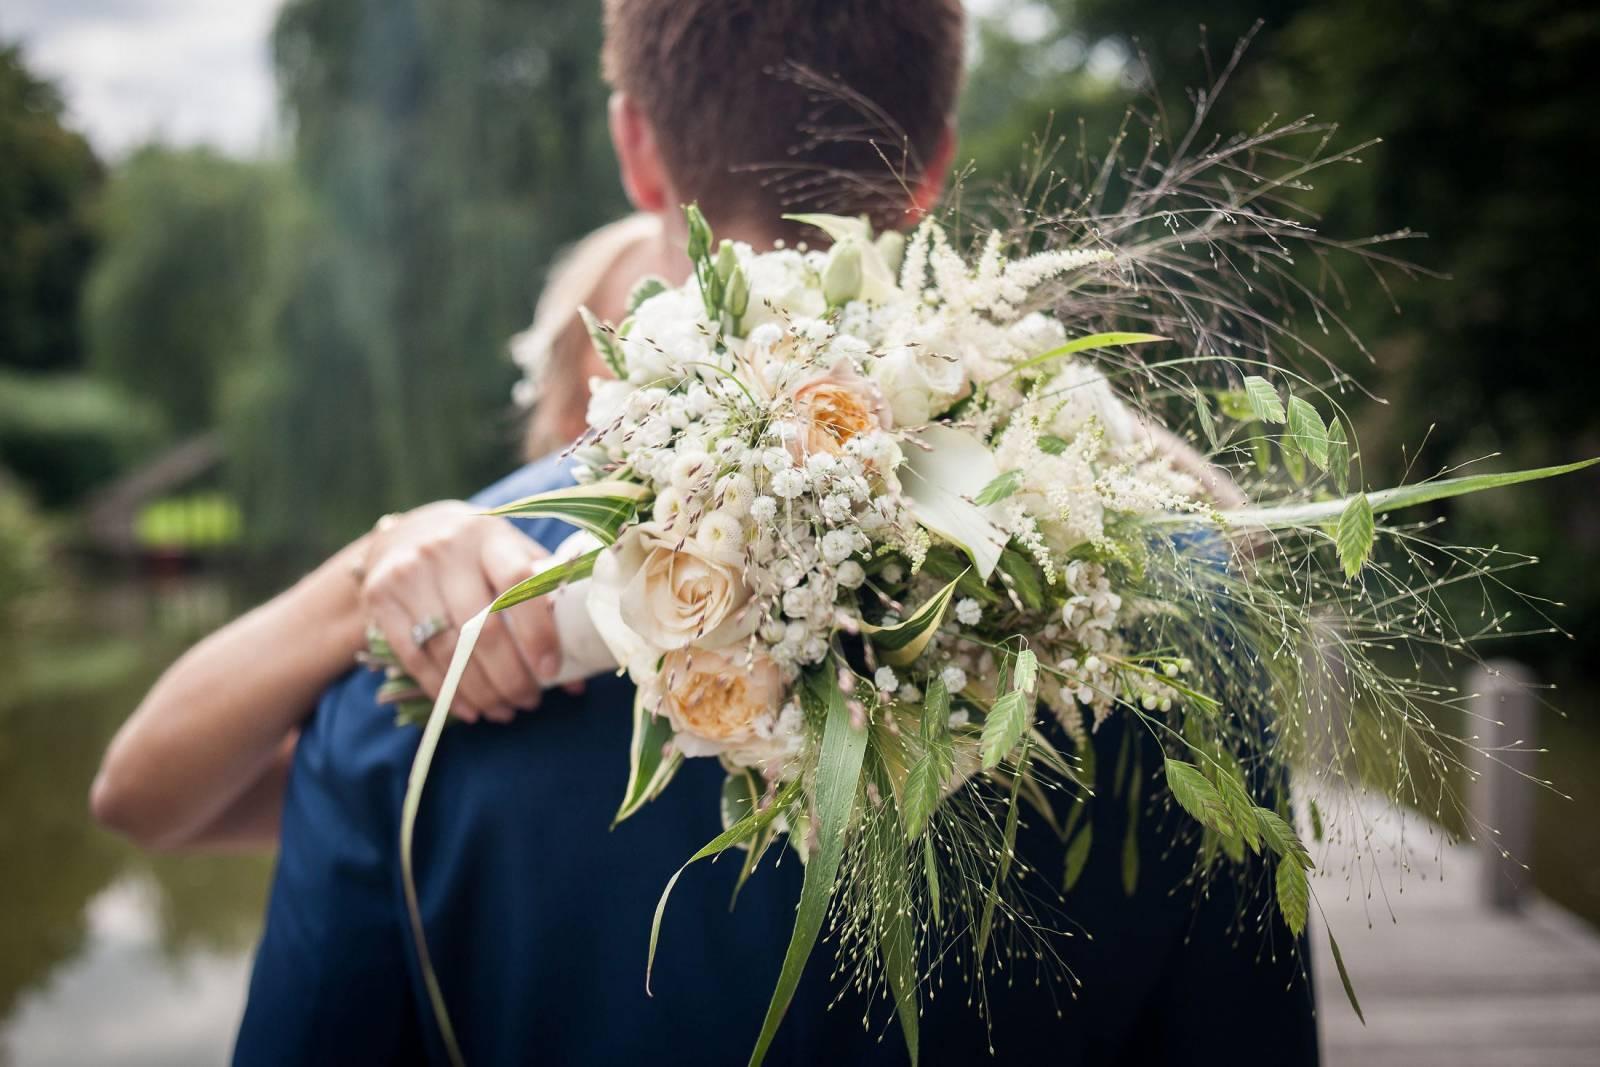 Floral Artists - Bloemen huwelijk trouw bruiloft - Bruidsboeket - Bloemendecoratie - House of Weddings - 20